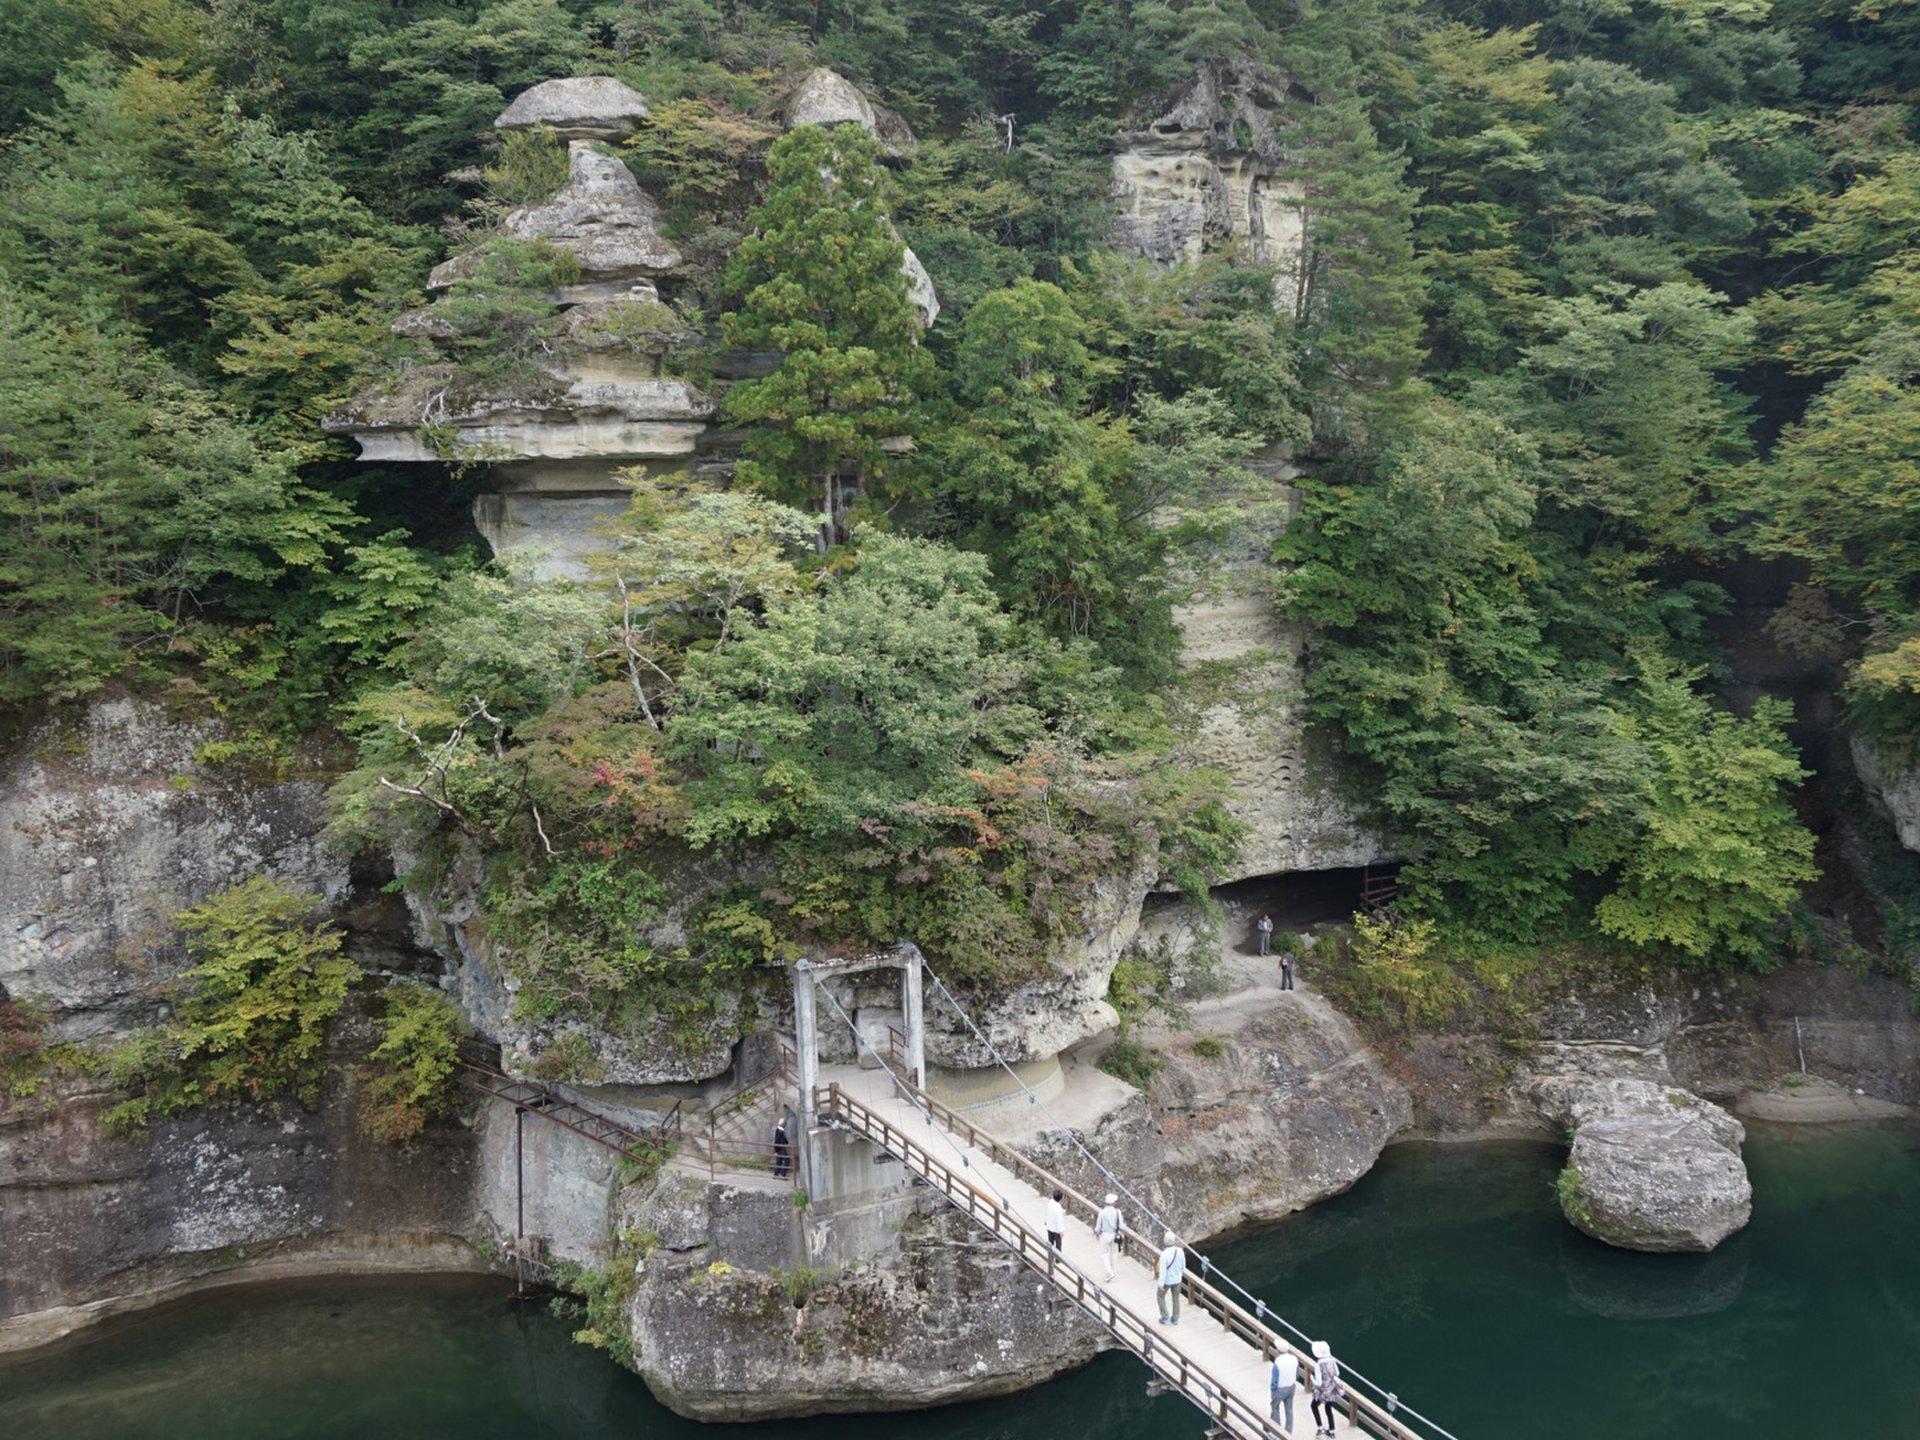 福島観光1泊2日のおすすめモデルコース! 会津・二本松エリアを巡り、岳温泉でゆっくりと。